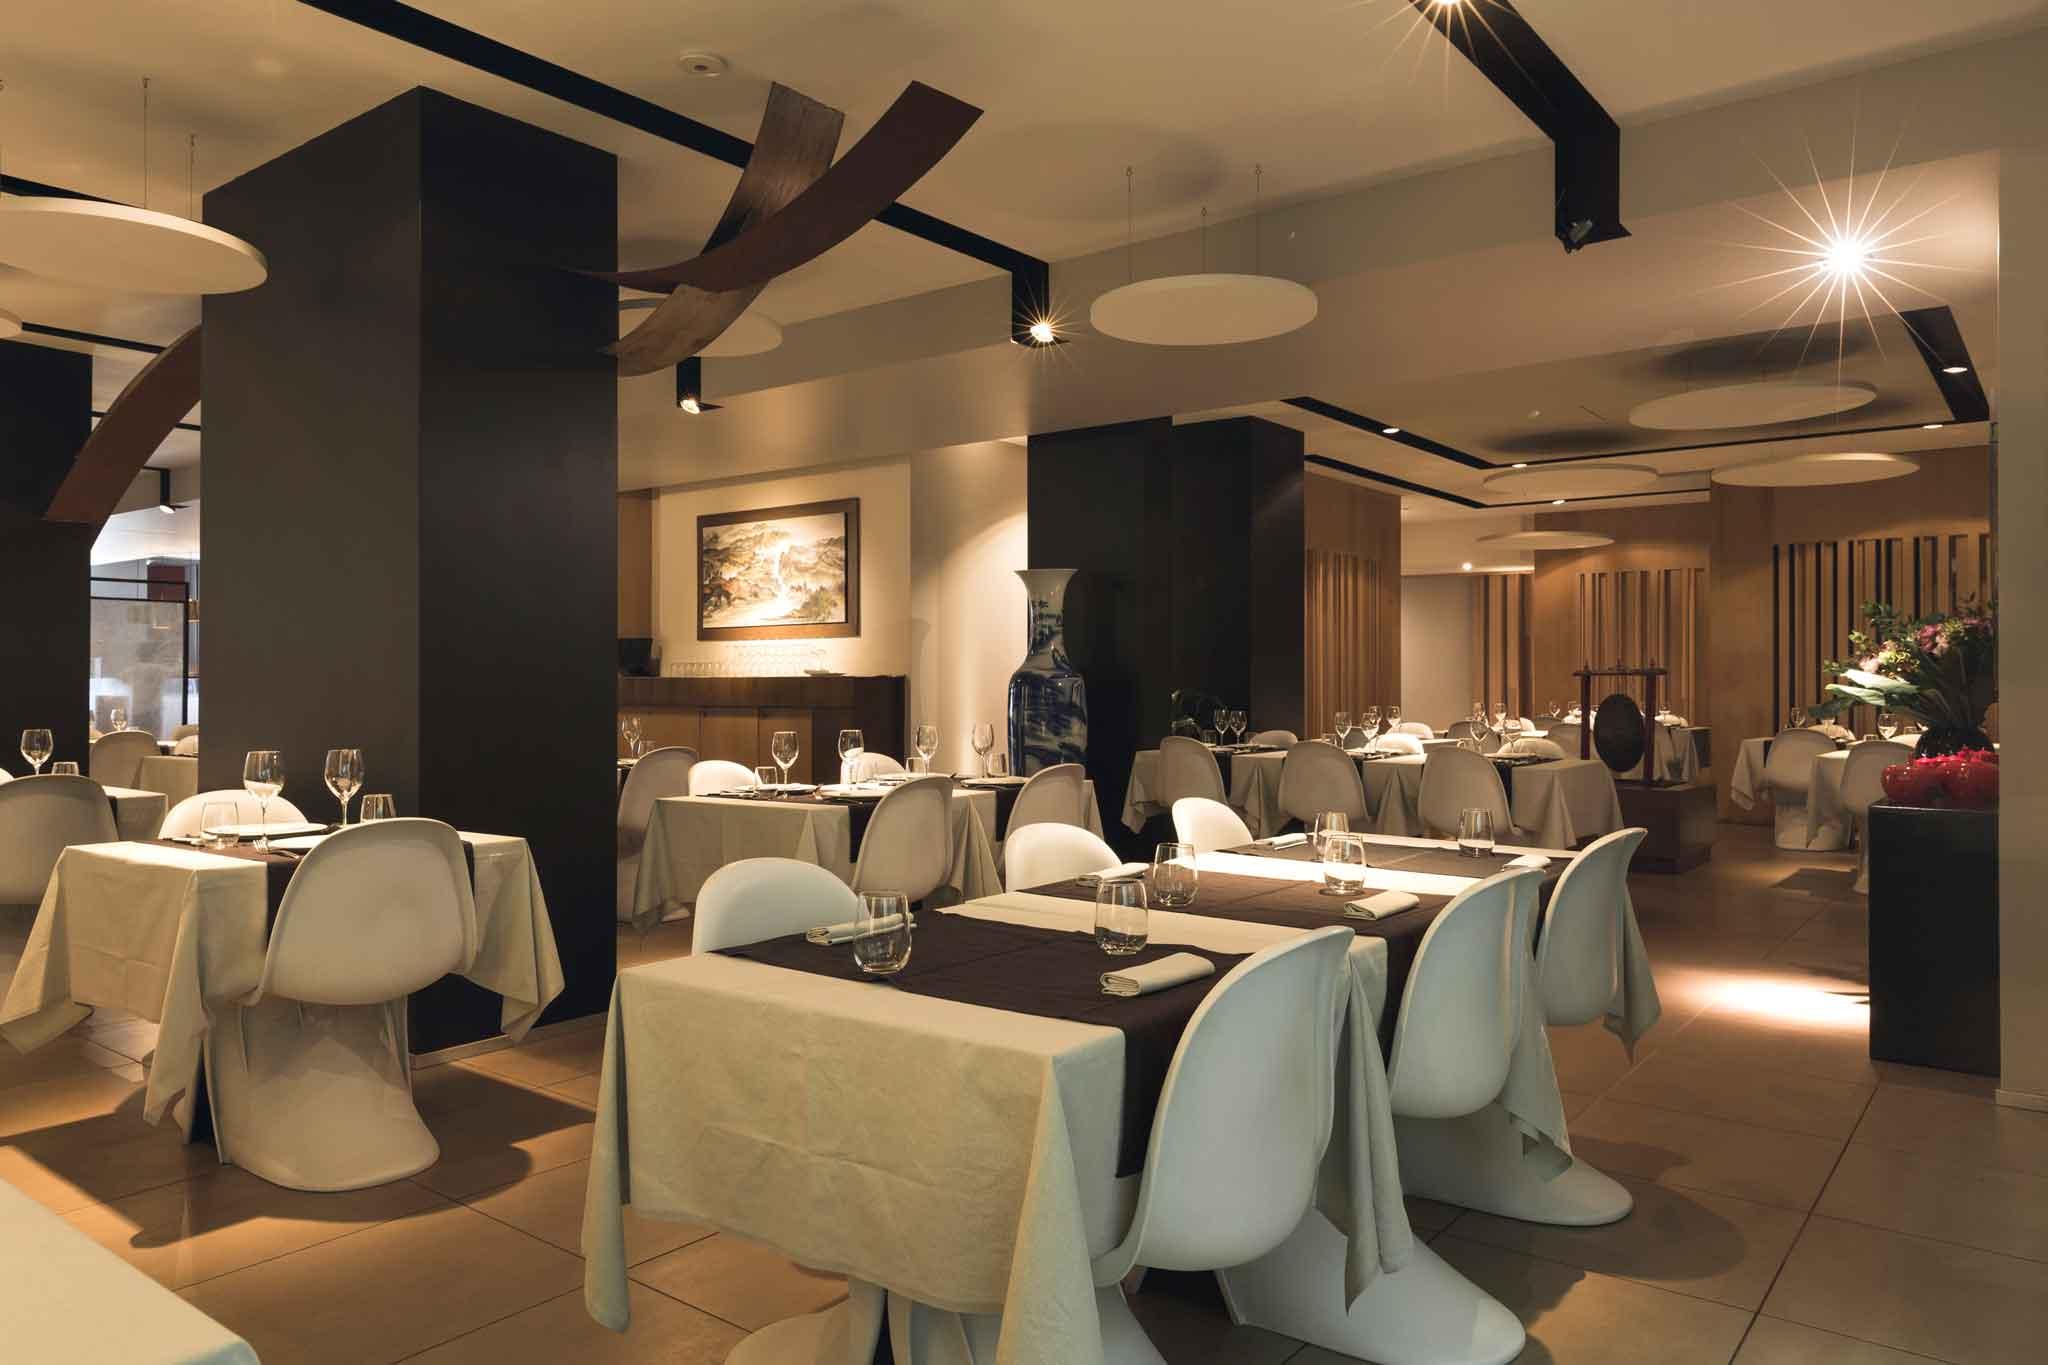 Migliore ristorante cinese  Roma nord